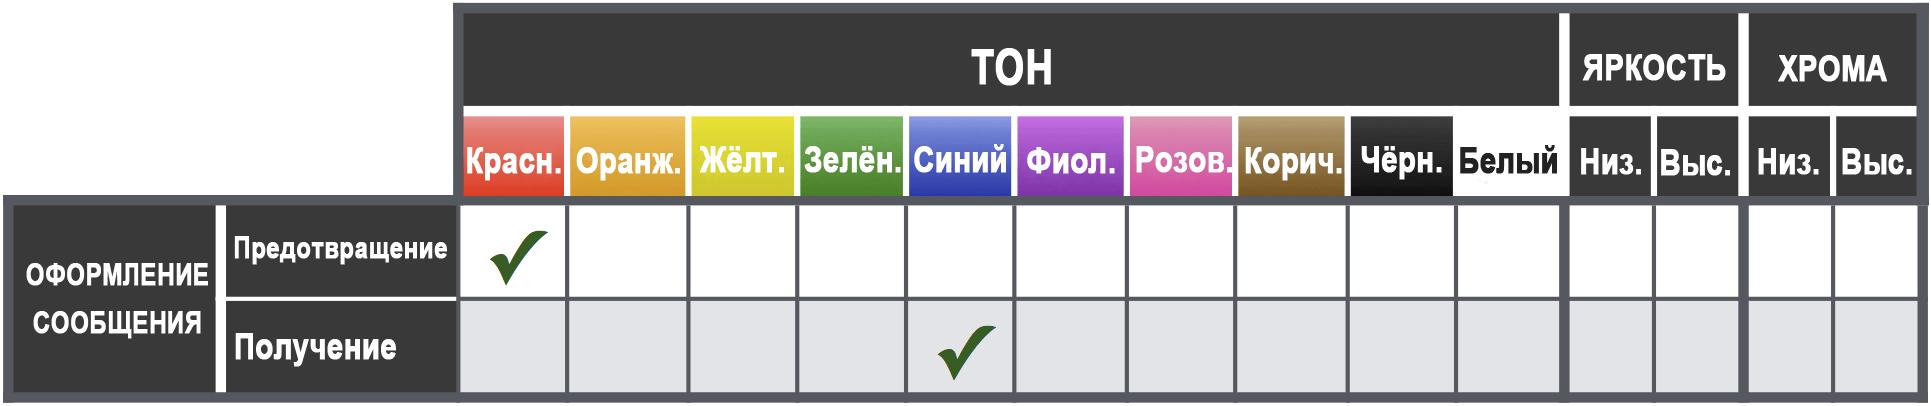 Влияние цвета на оформление сообщения